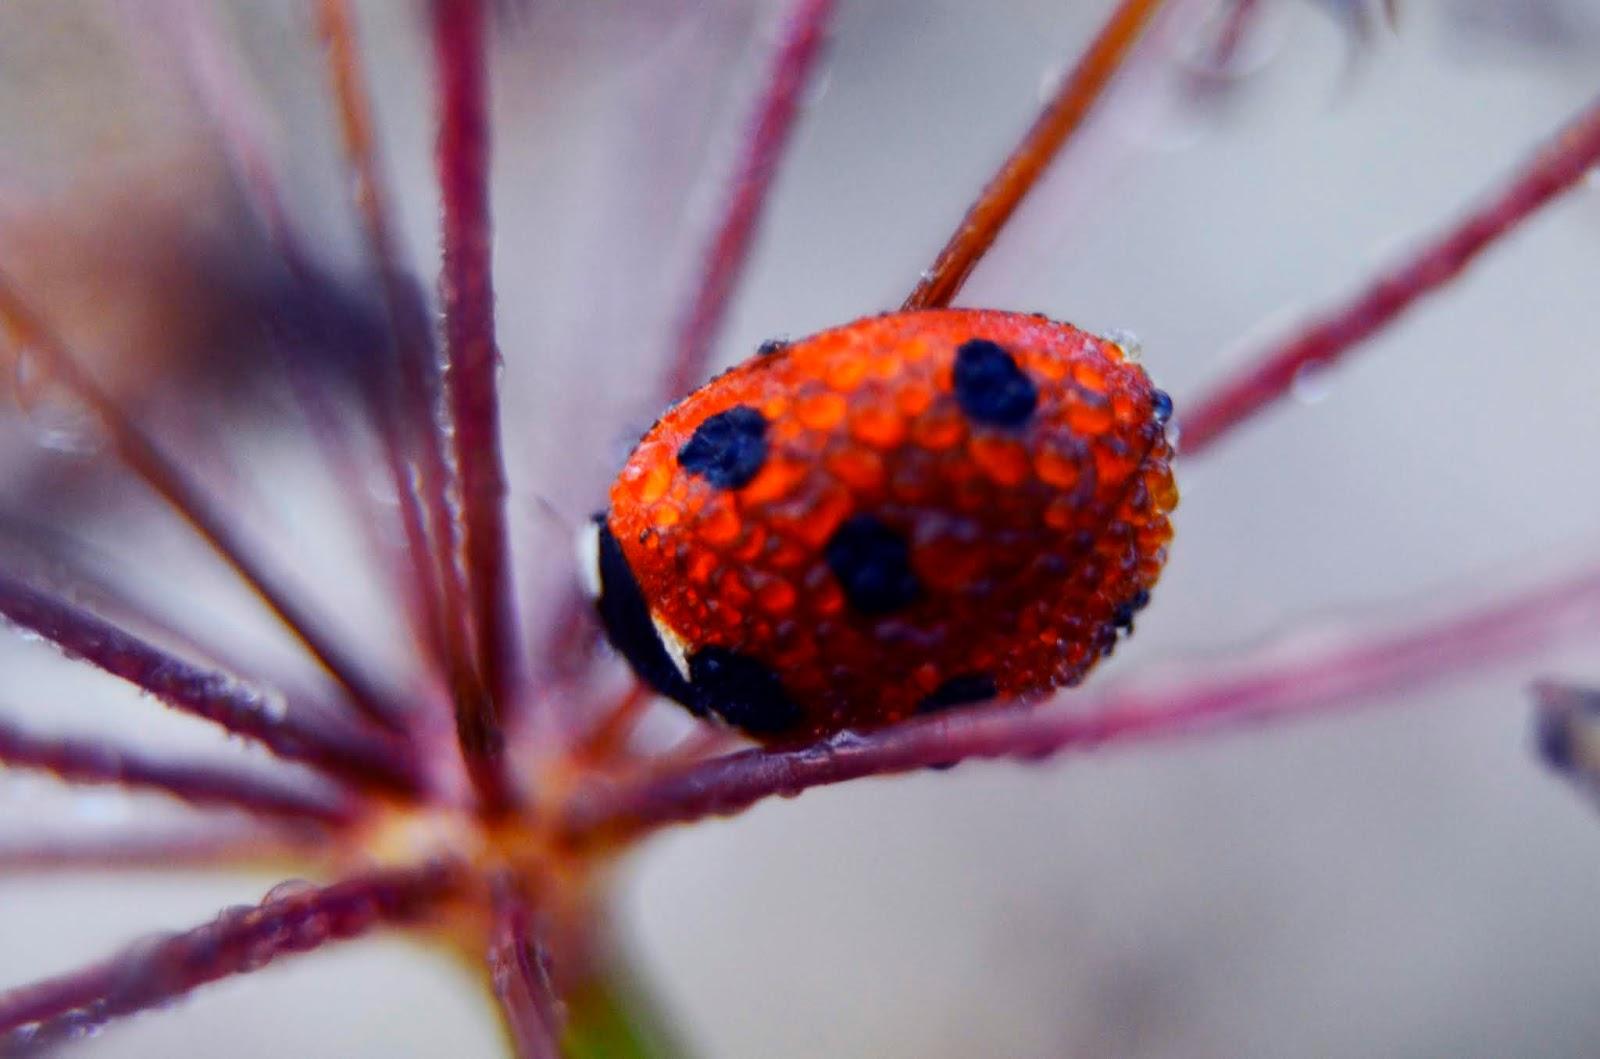 biedronka | makro | fotografia | natura | zieleń | czerwień